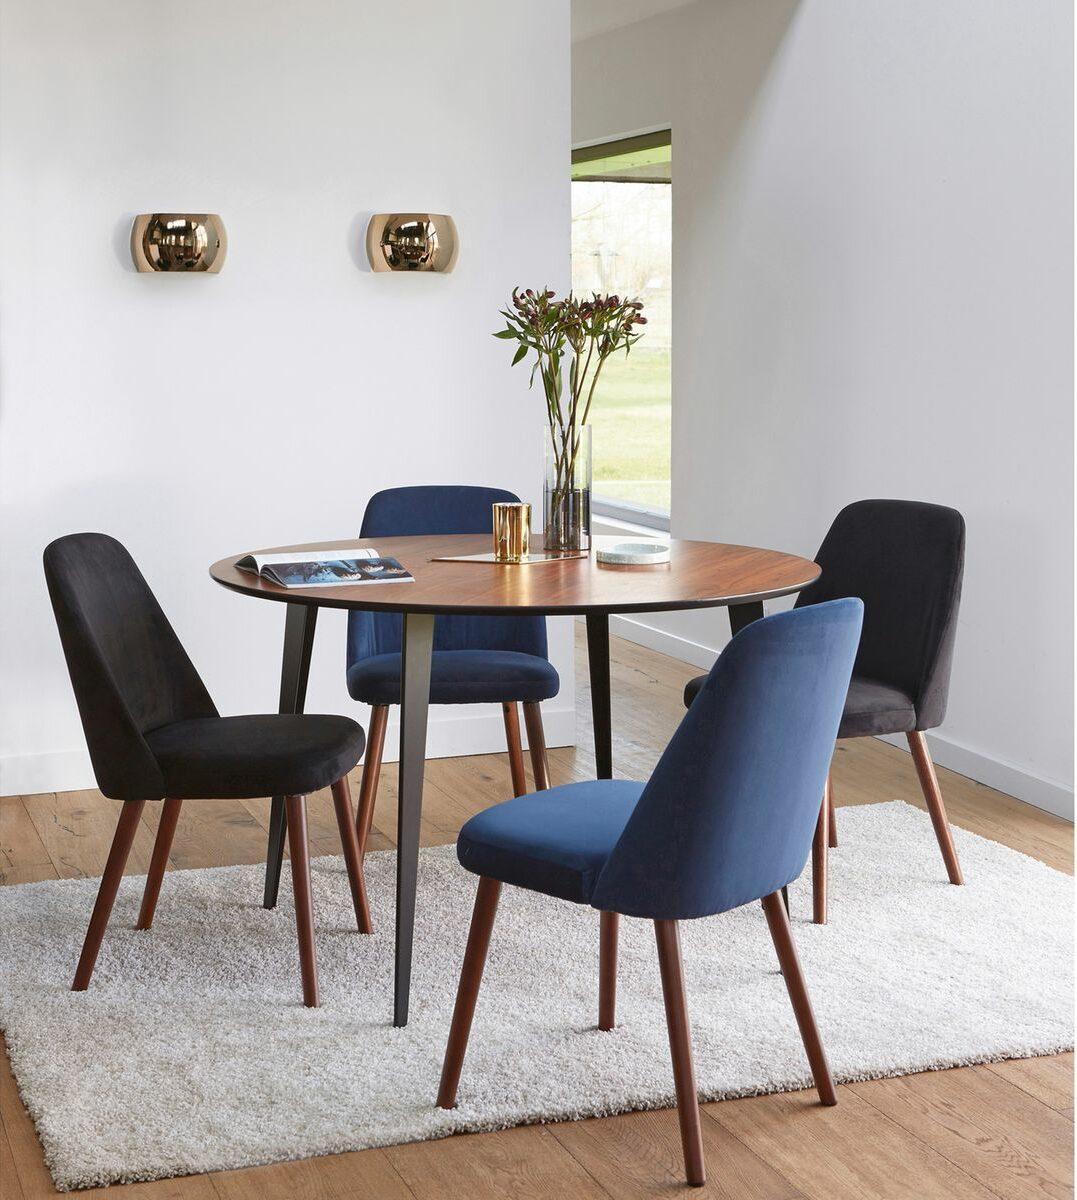 salle manger vintage bois chaise velours couleur différente noir bleu blog déco clemaroundthecorner